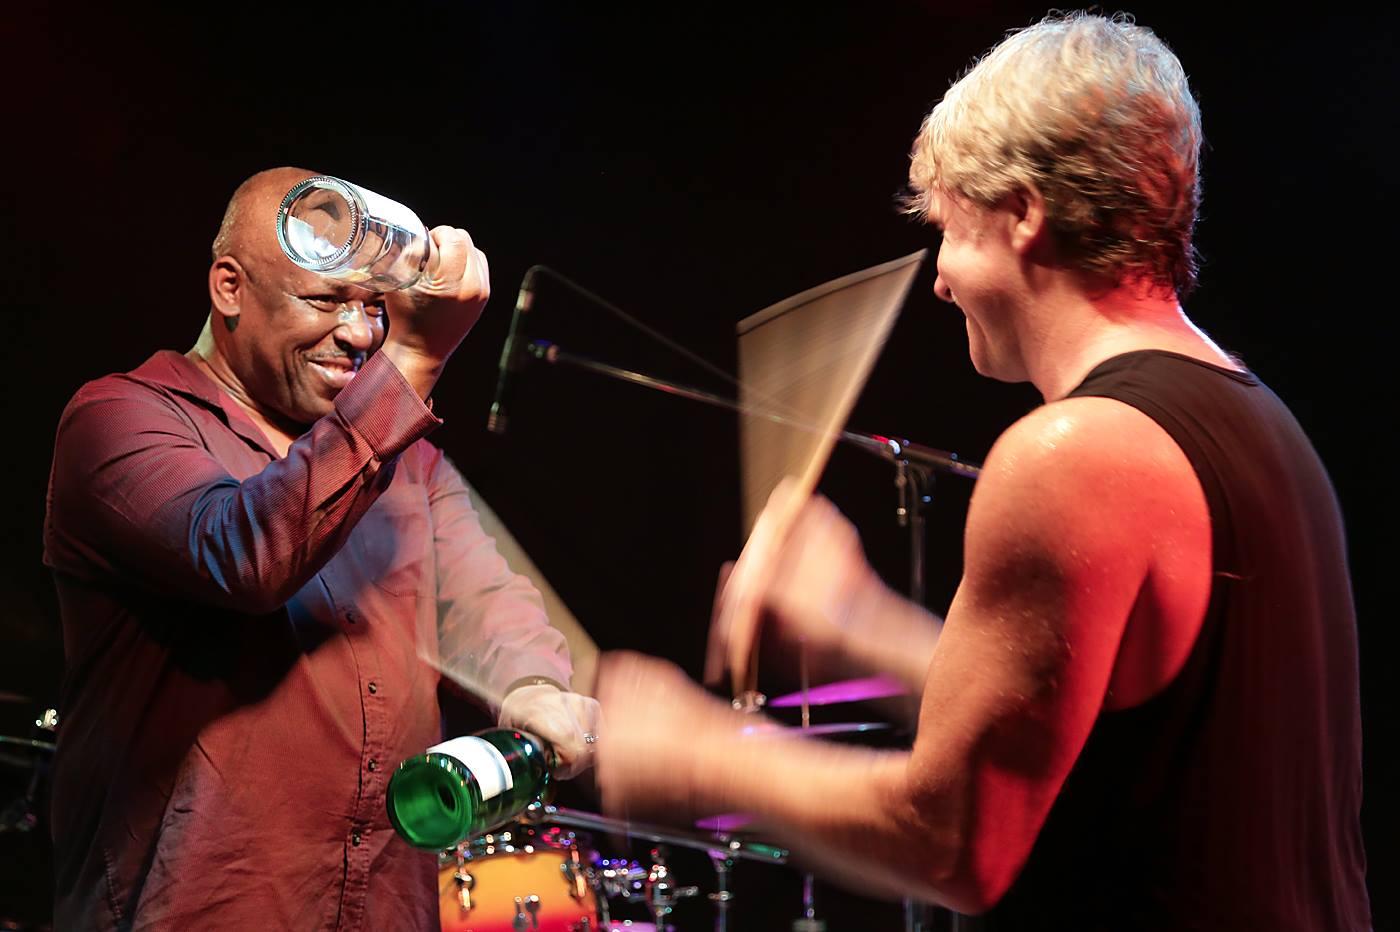 Drummer Lee